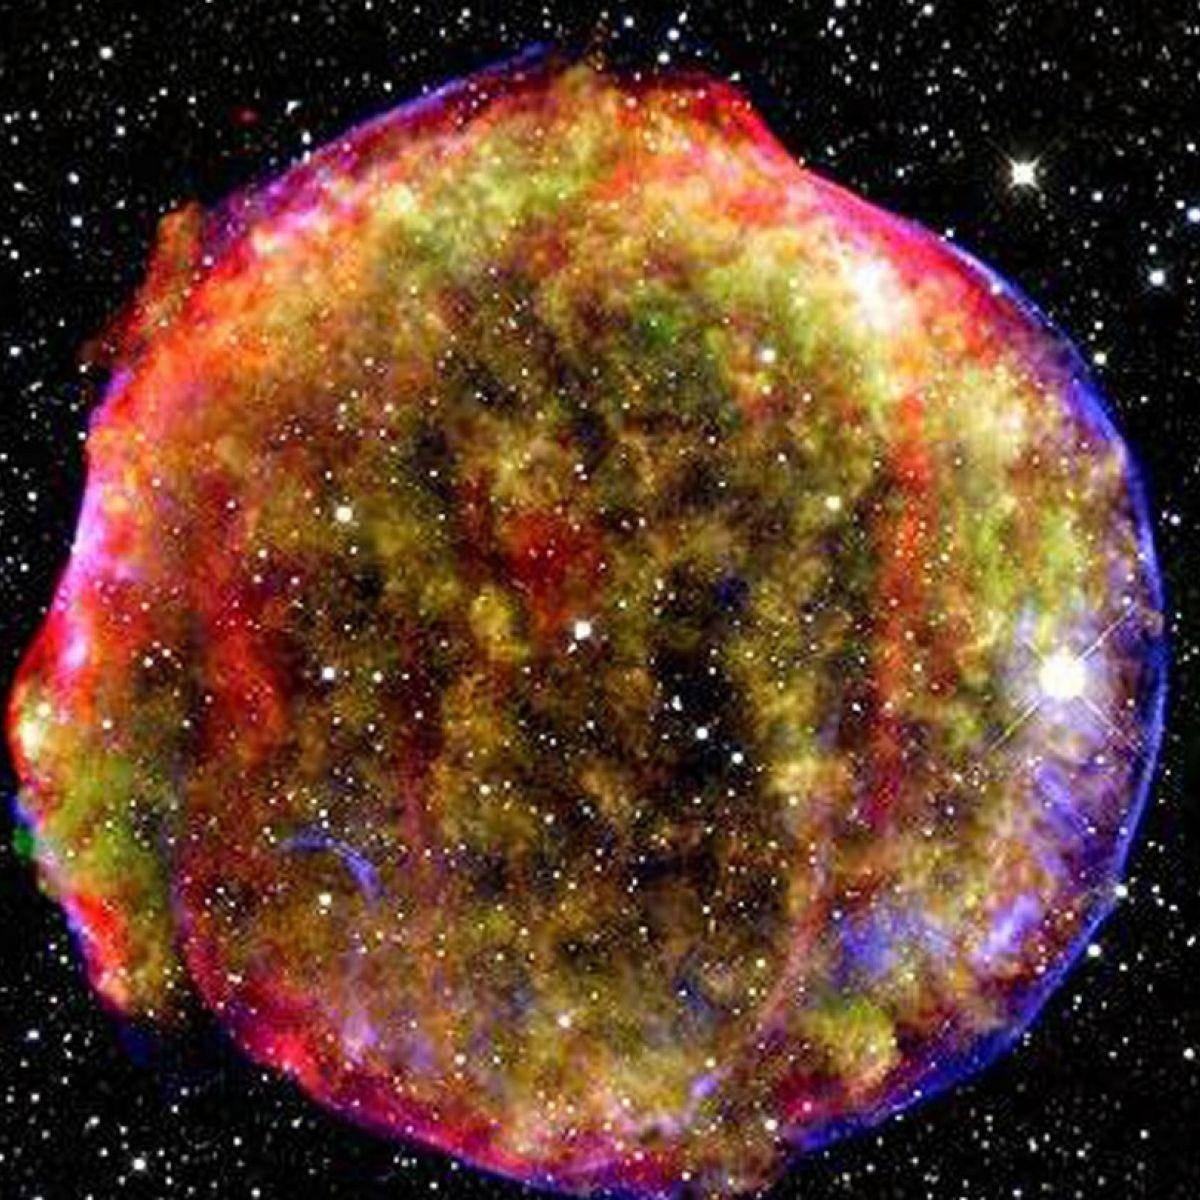 在太空里可以听到声音吗?天文学家的回答让人意外